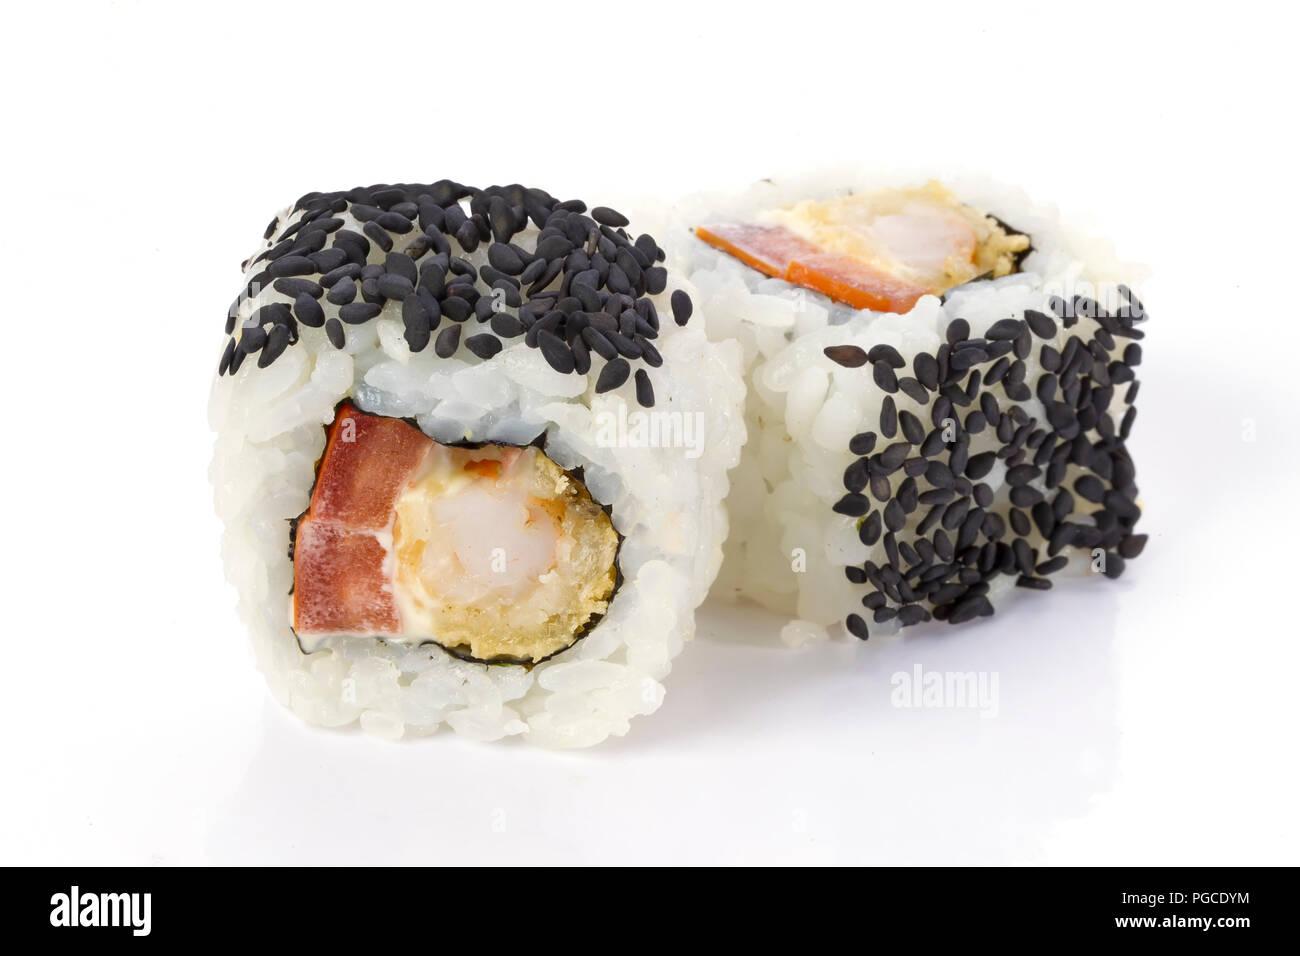 Sushi Rolls Japanese Food Isolated On White Background Menu